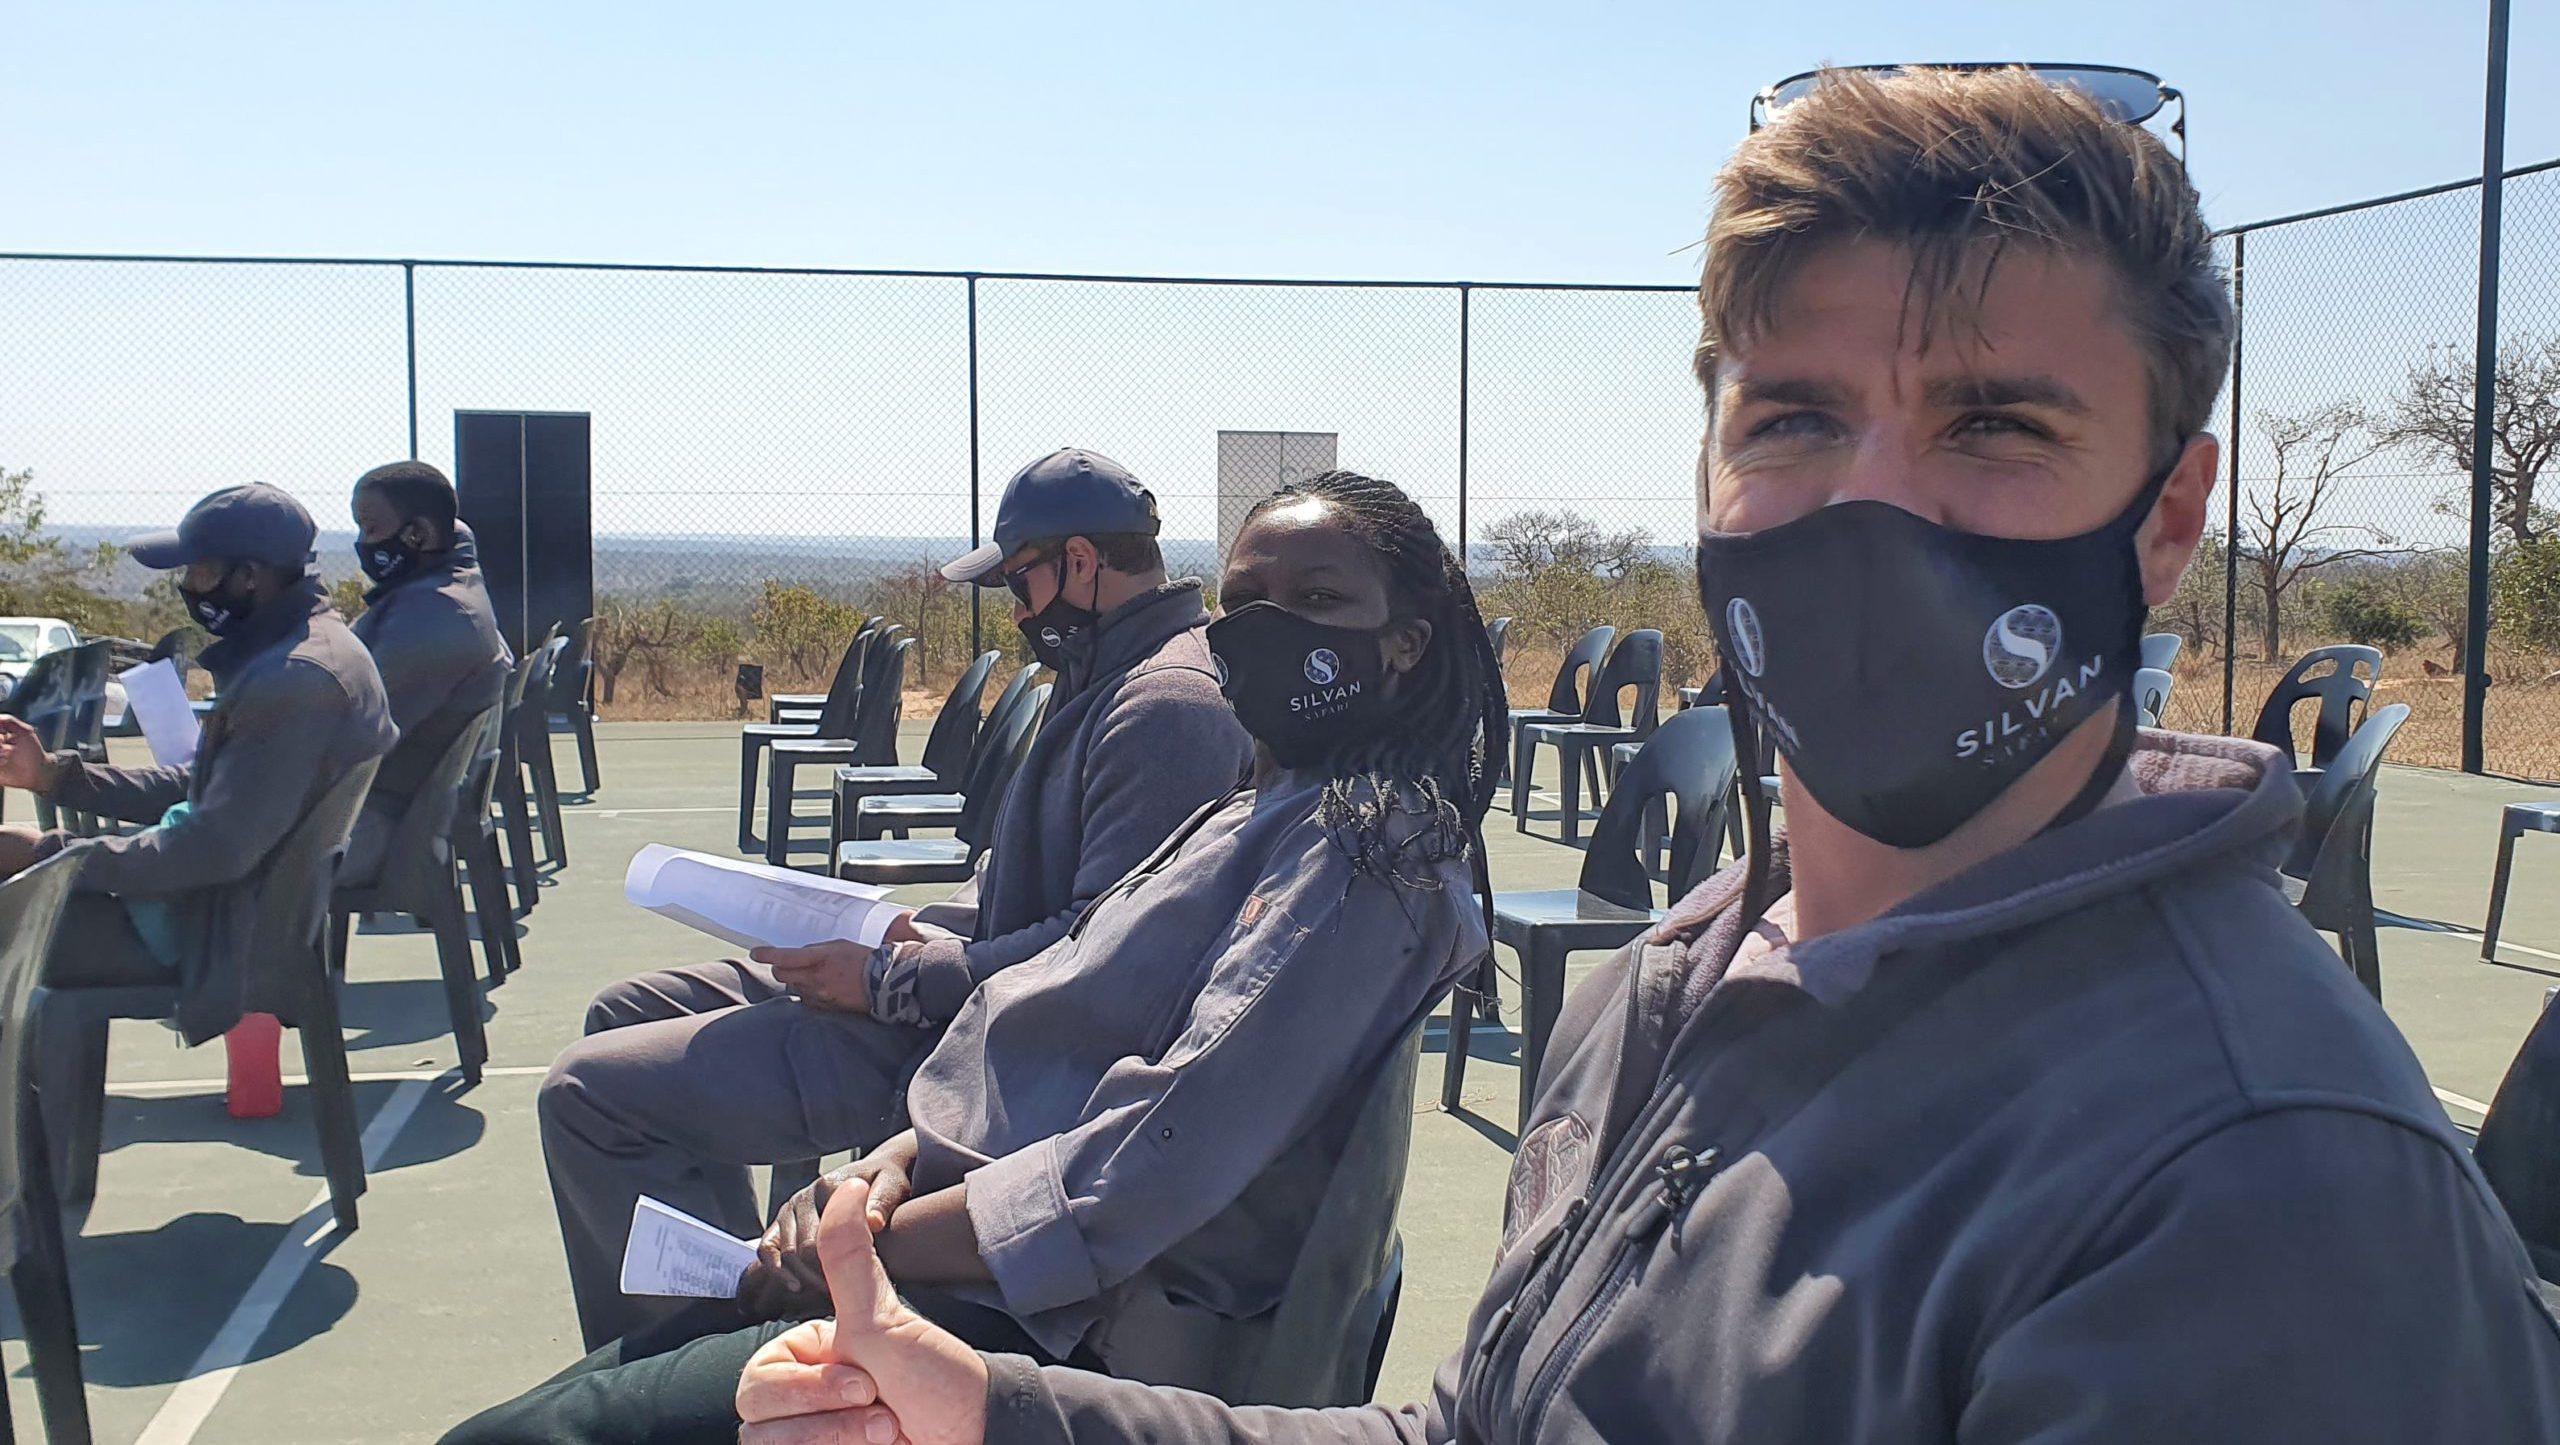 El equipo de Silvan Safari tras recibir la vacuna